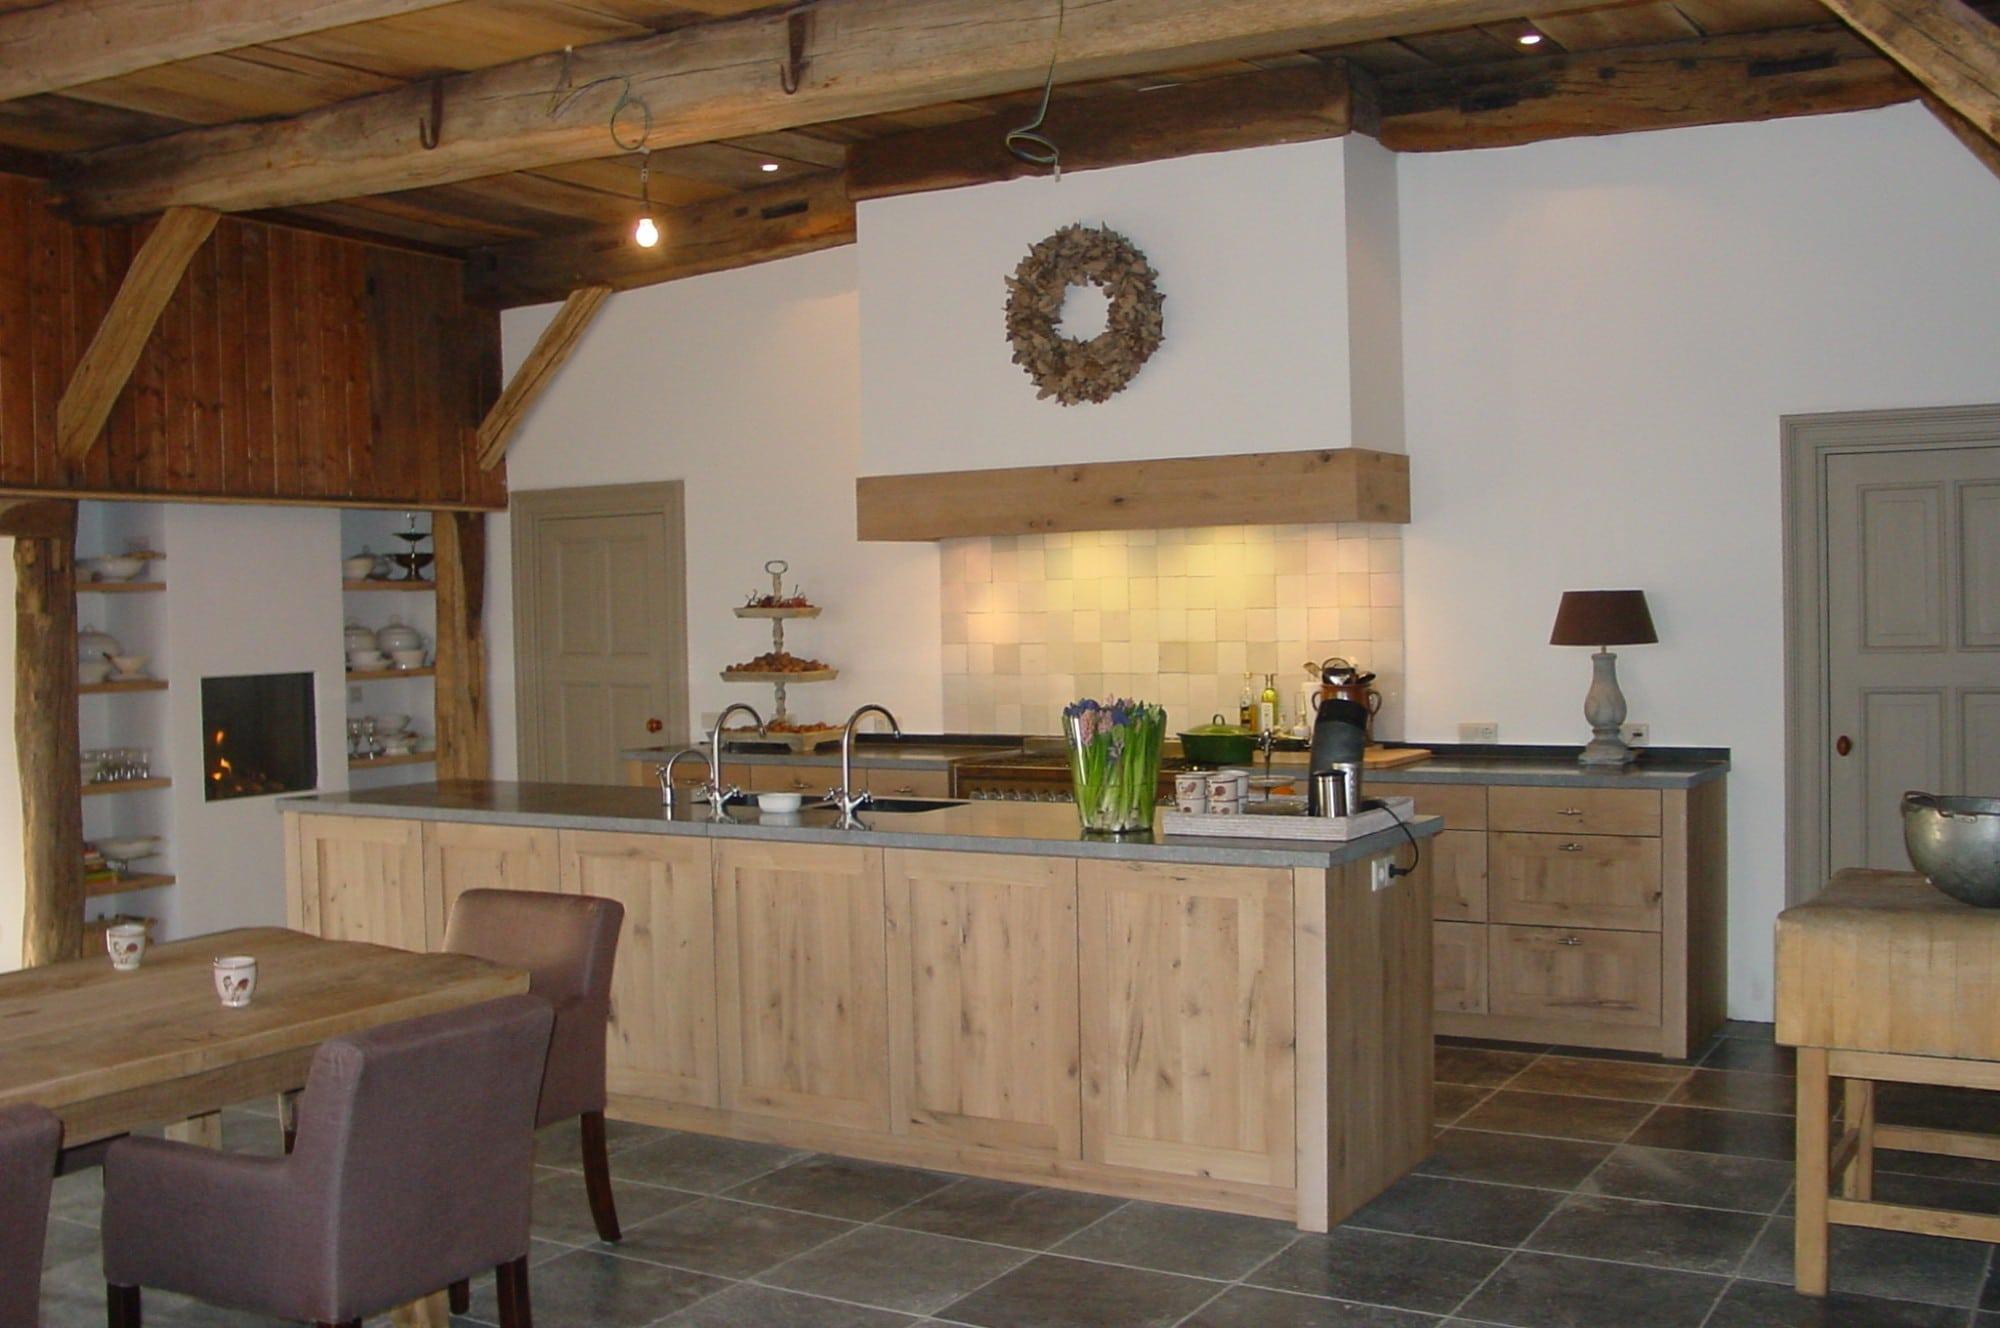 landelijk modern Keuken Inbouwapparatuur com